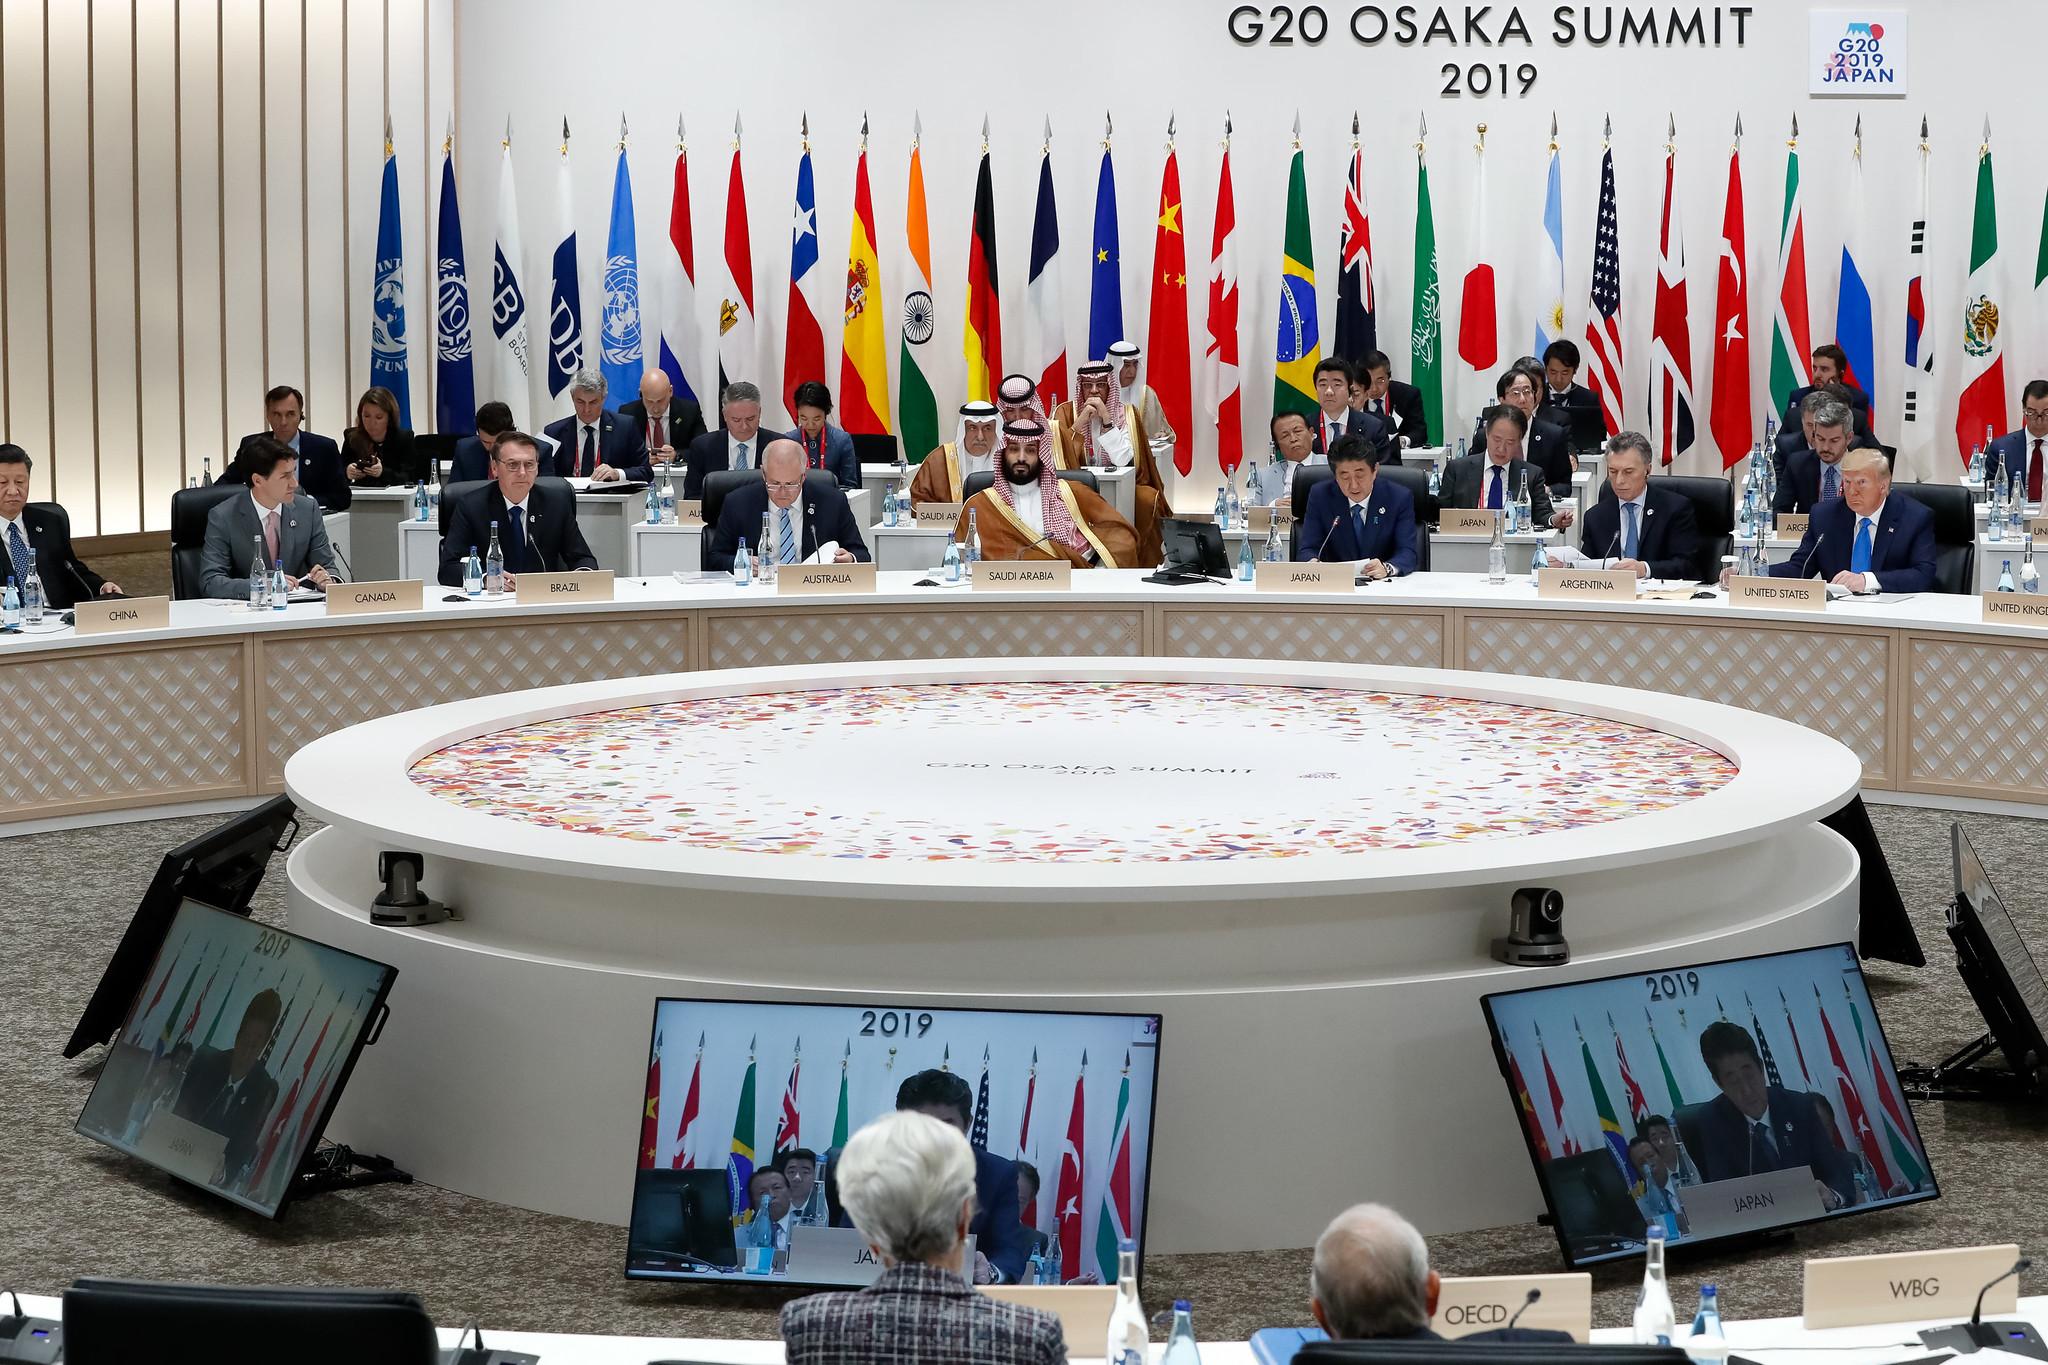 29/06/2019 G20 )saka summit